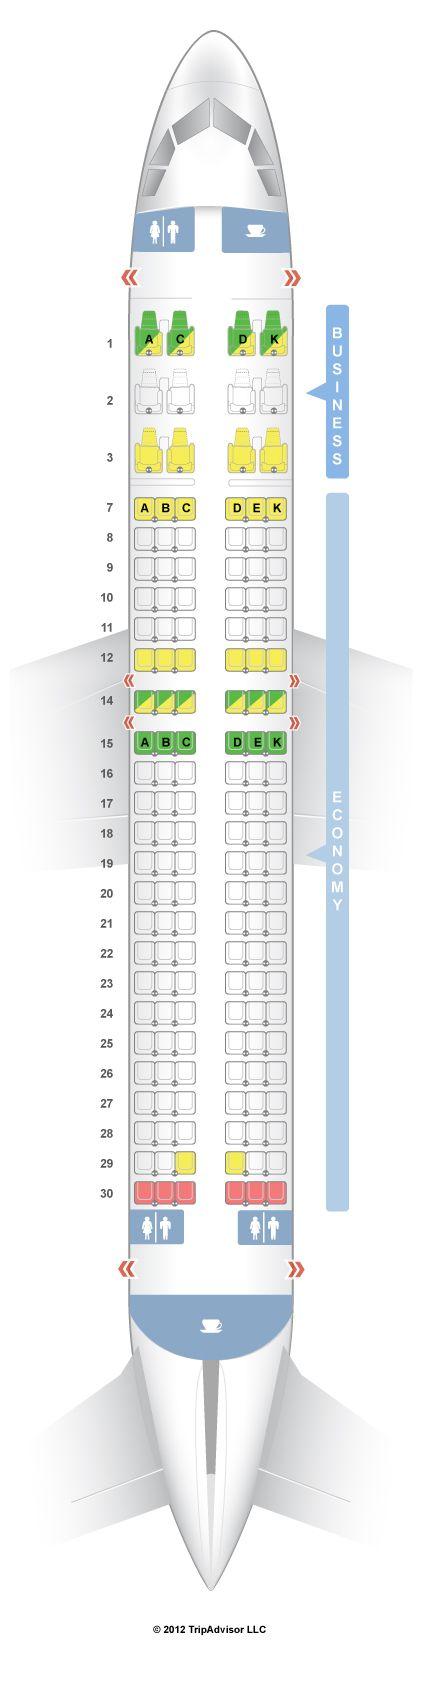 SeatGuru Seat Map Avianca Airbus A320 (320)